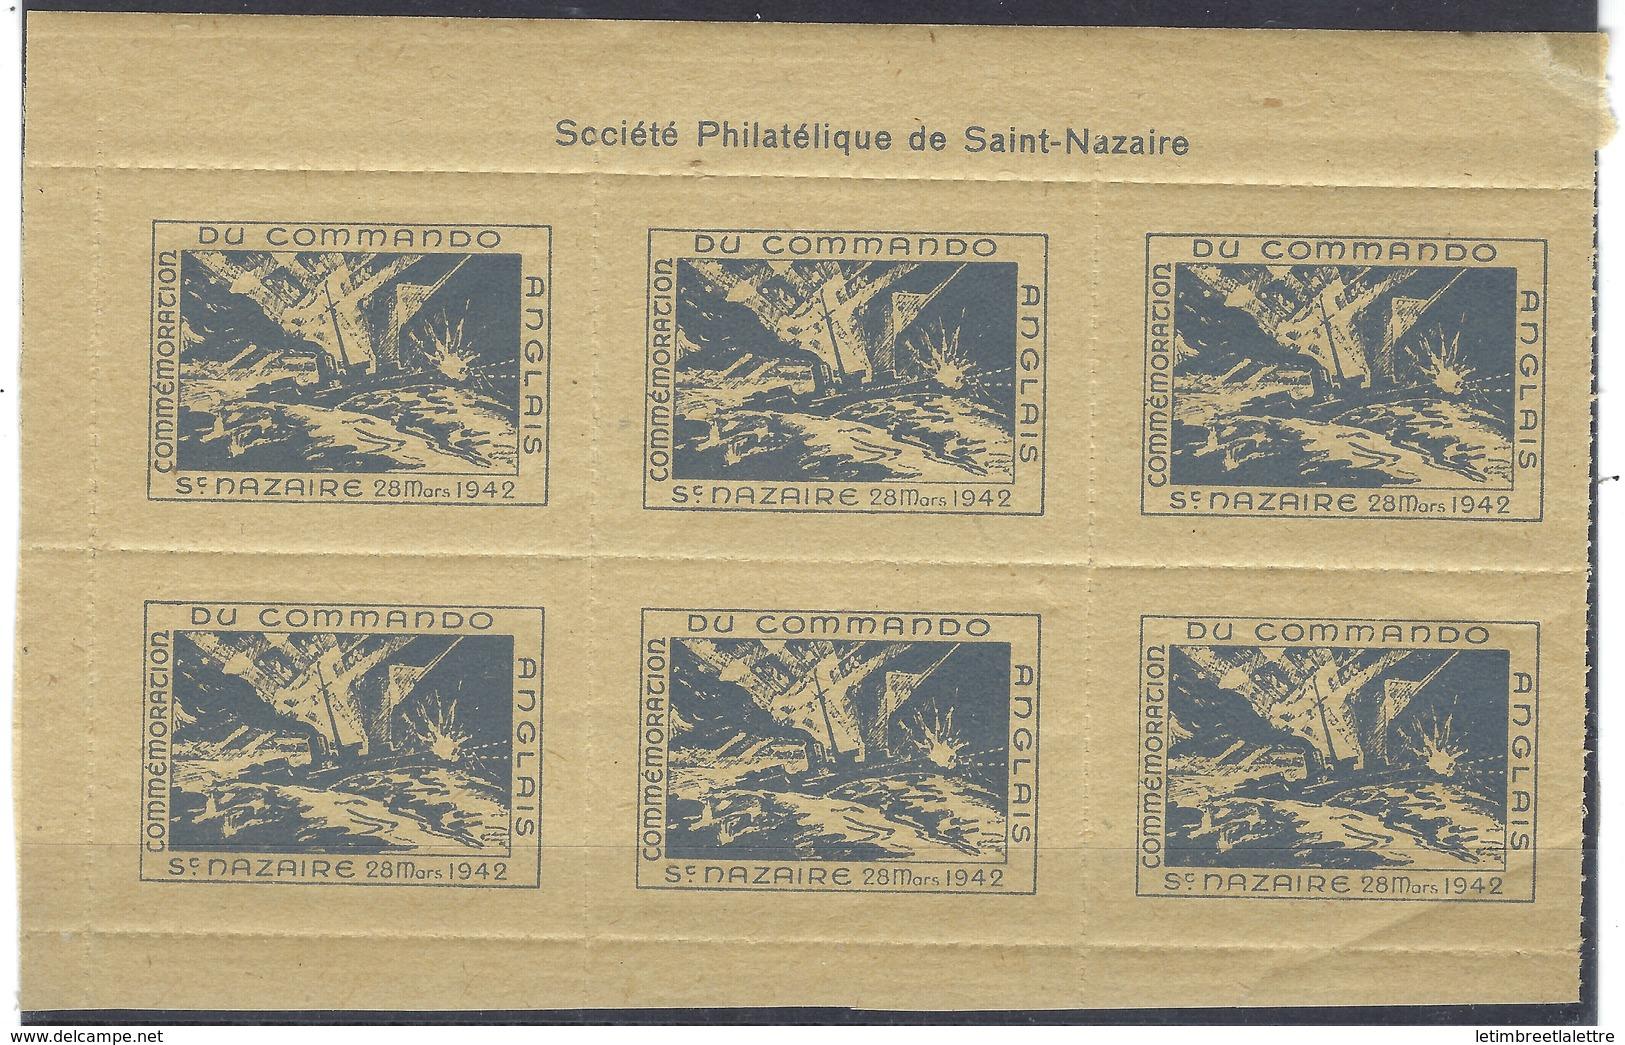 France, Libération, Vignettes Commémoratives Du Commando Anglais à Saint Nazaire Le 28 Mars 1942 ** - Libération